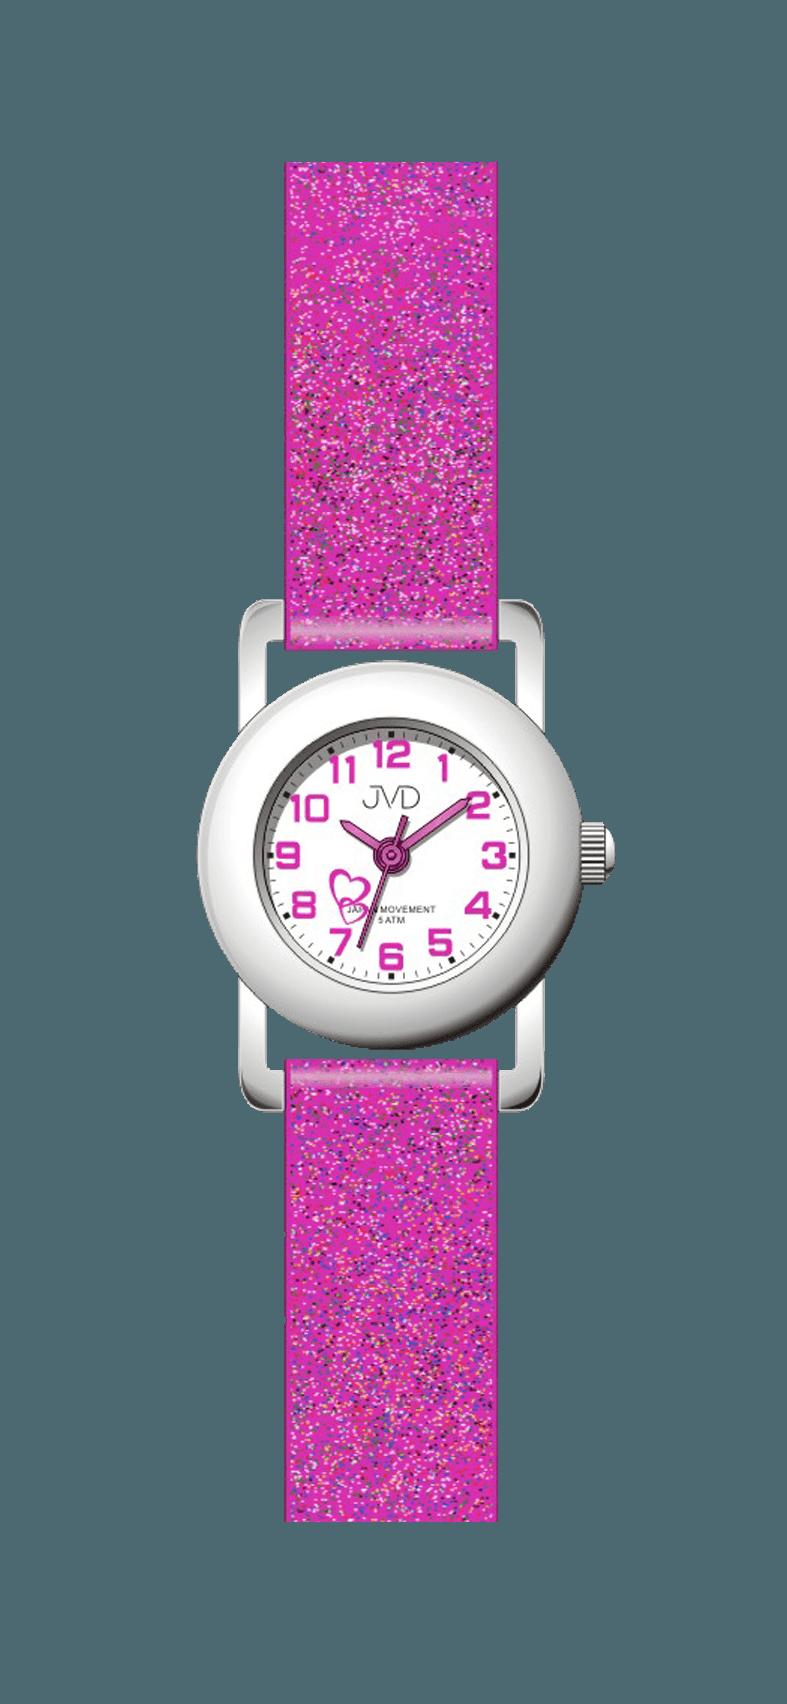 Dětské růžové náramkové hodinky JVD basic J7025.6 se srdíčkem